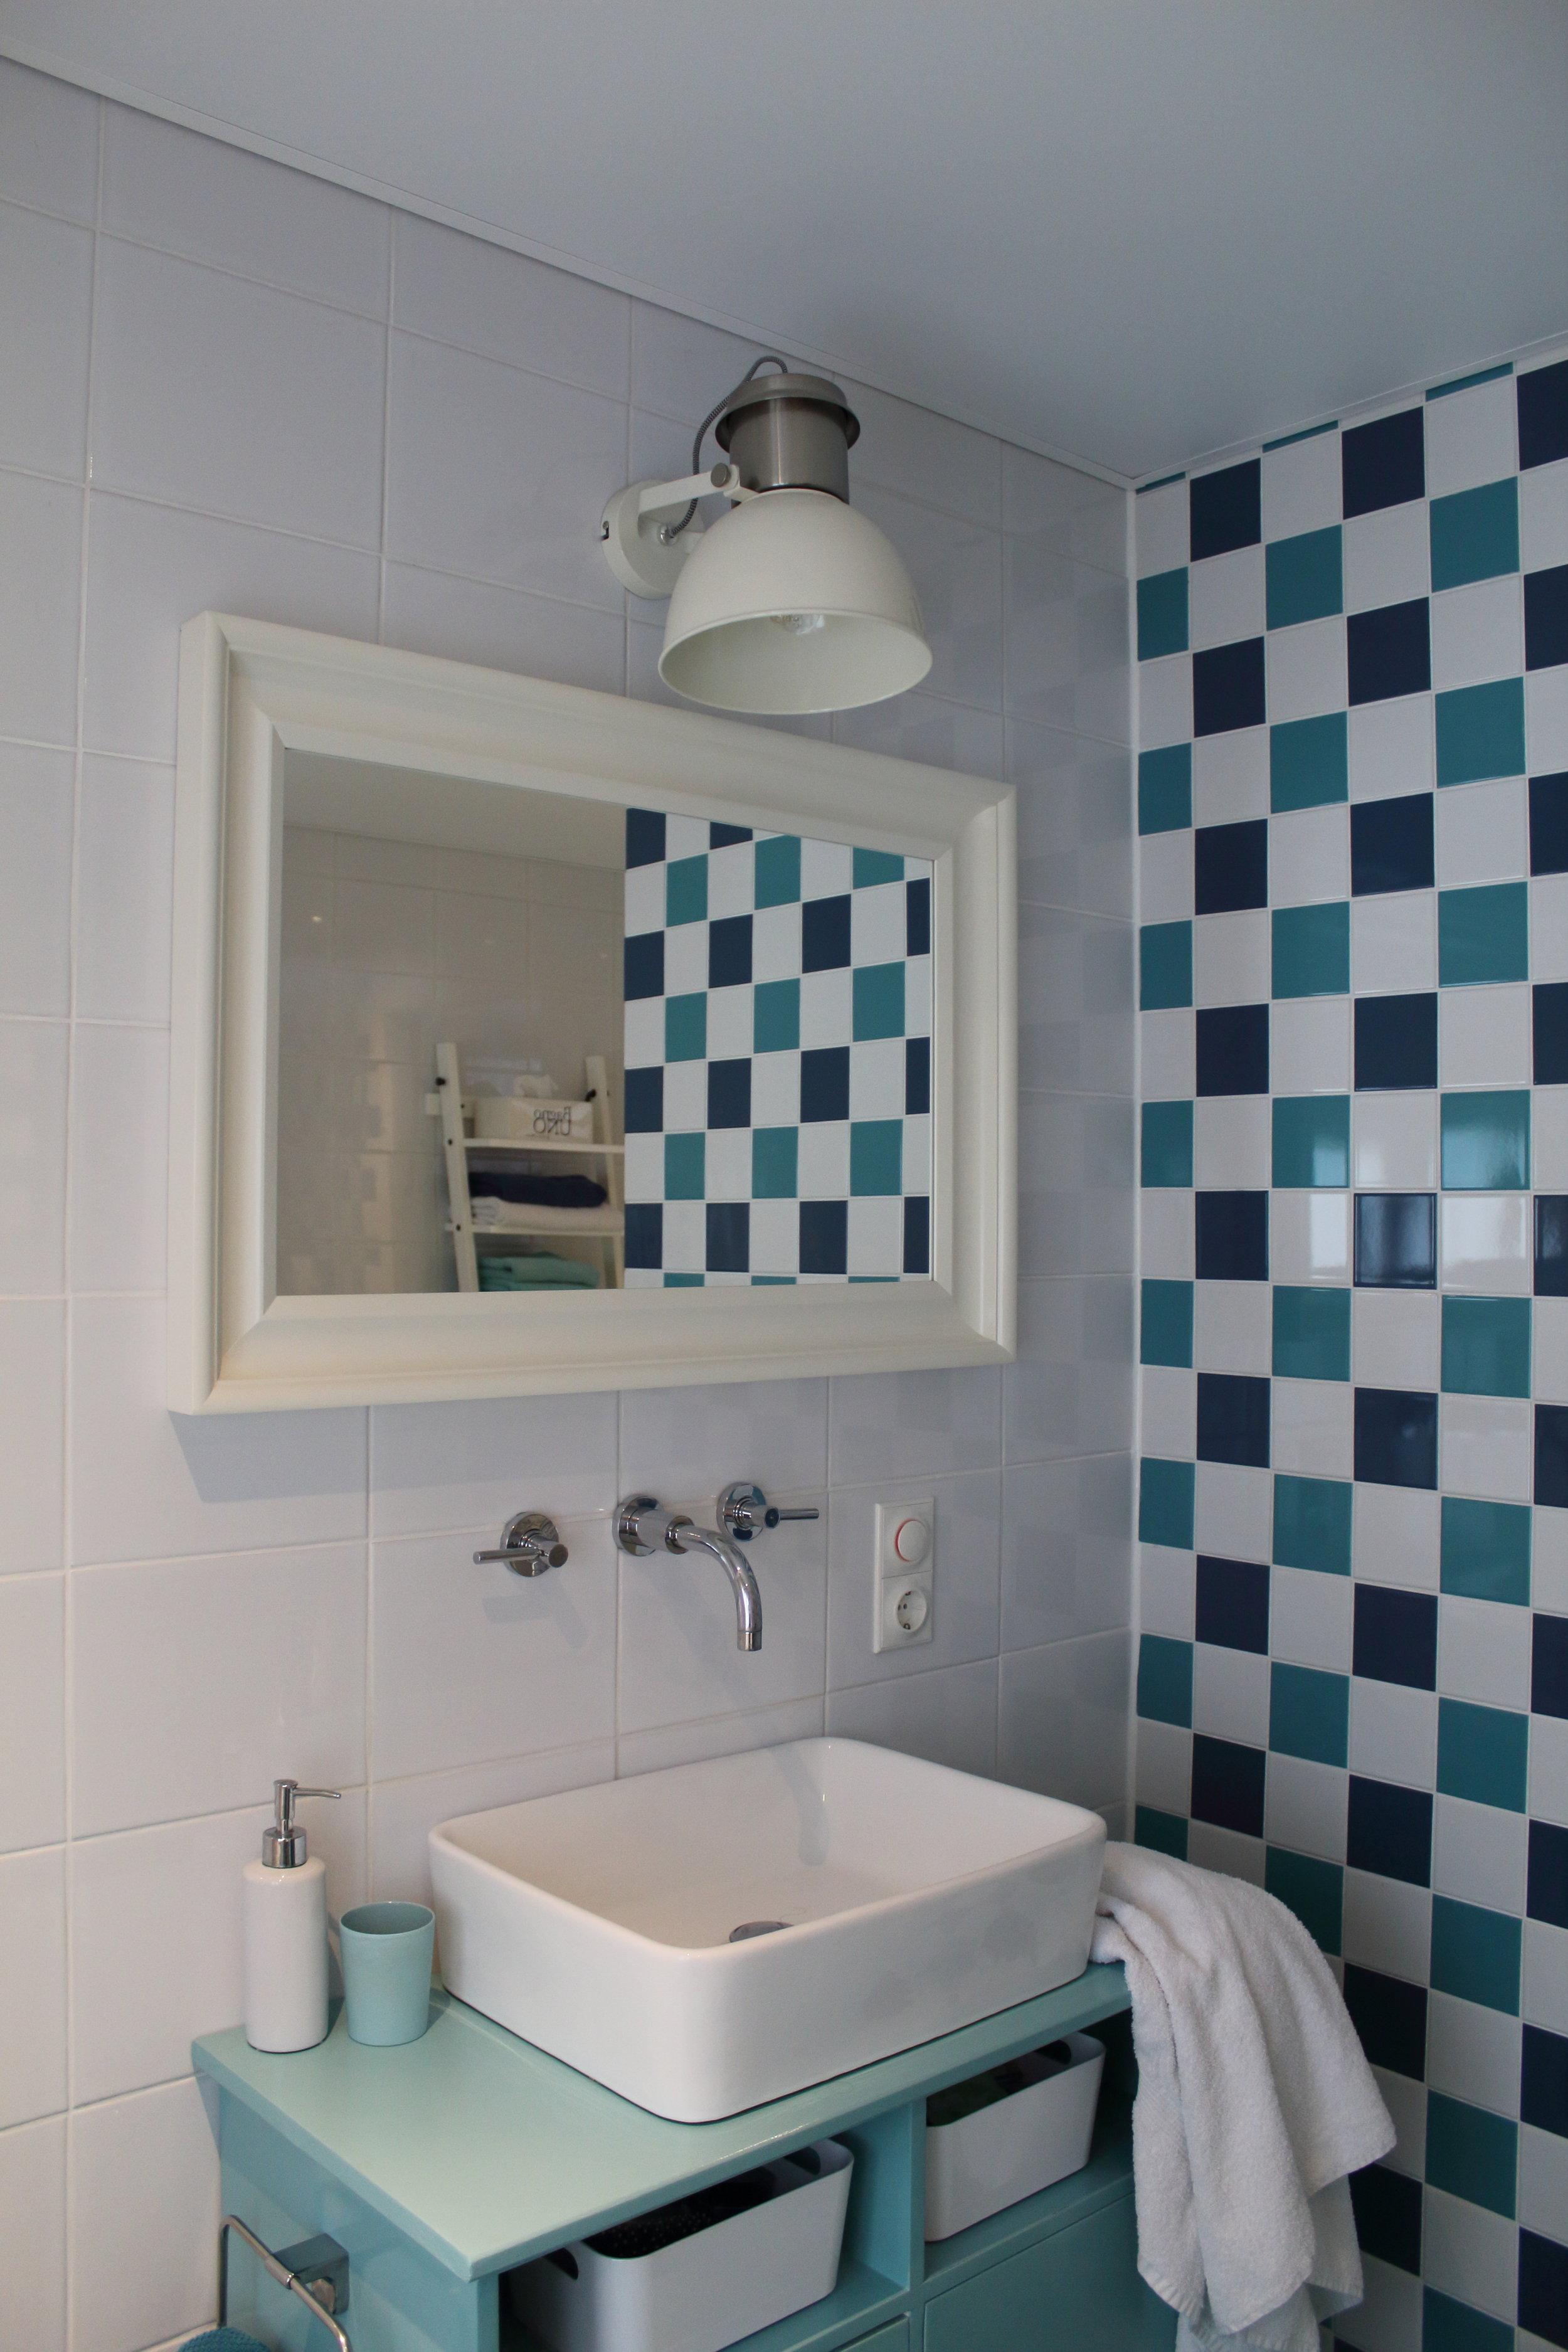 - Toepassing van kleur in de badkamer.Hier is gekozen voor tegels in verschillende tinten groen op één tussenmuur in combinatie met witte tegels. Een bijpassend gekleurd meubel en wit sanitair zorgen voor een sfeervol geheel!